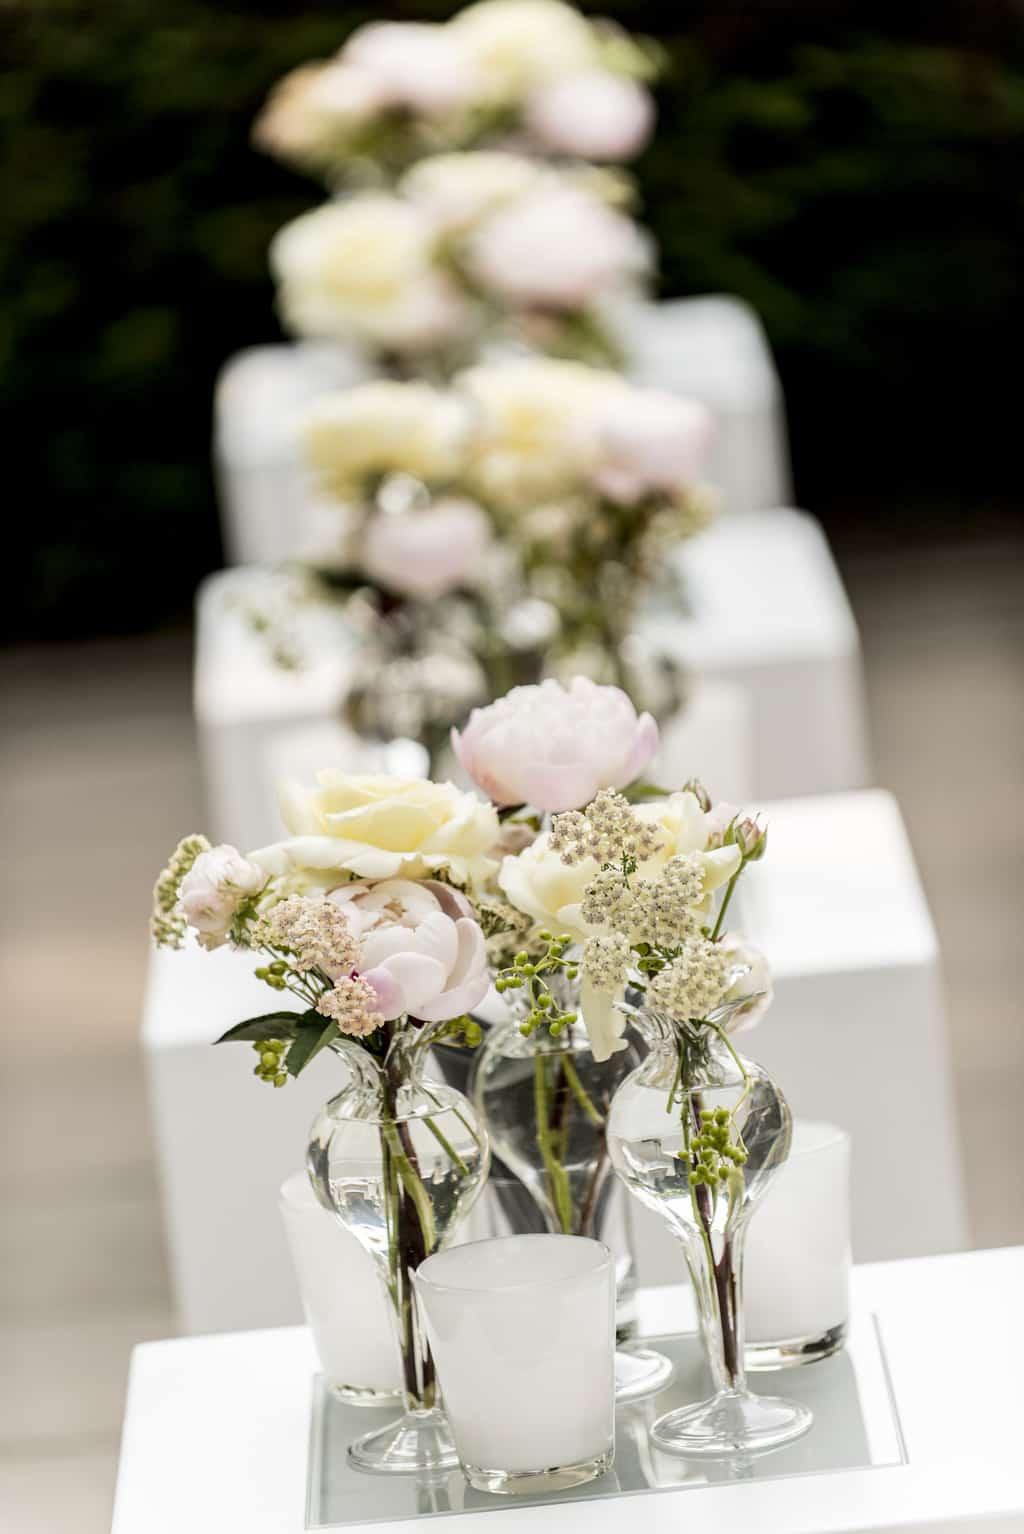 Bloemstyling Koolhaas Concepts, Buiten trouwen, wedding en planning, weddingplanner, foto Pander en Pander